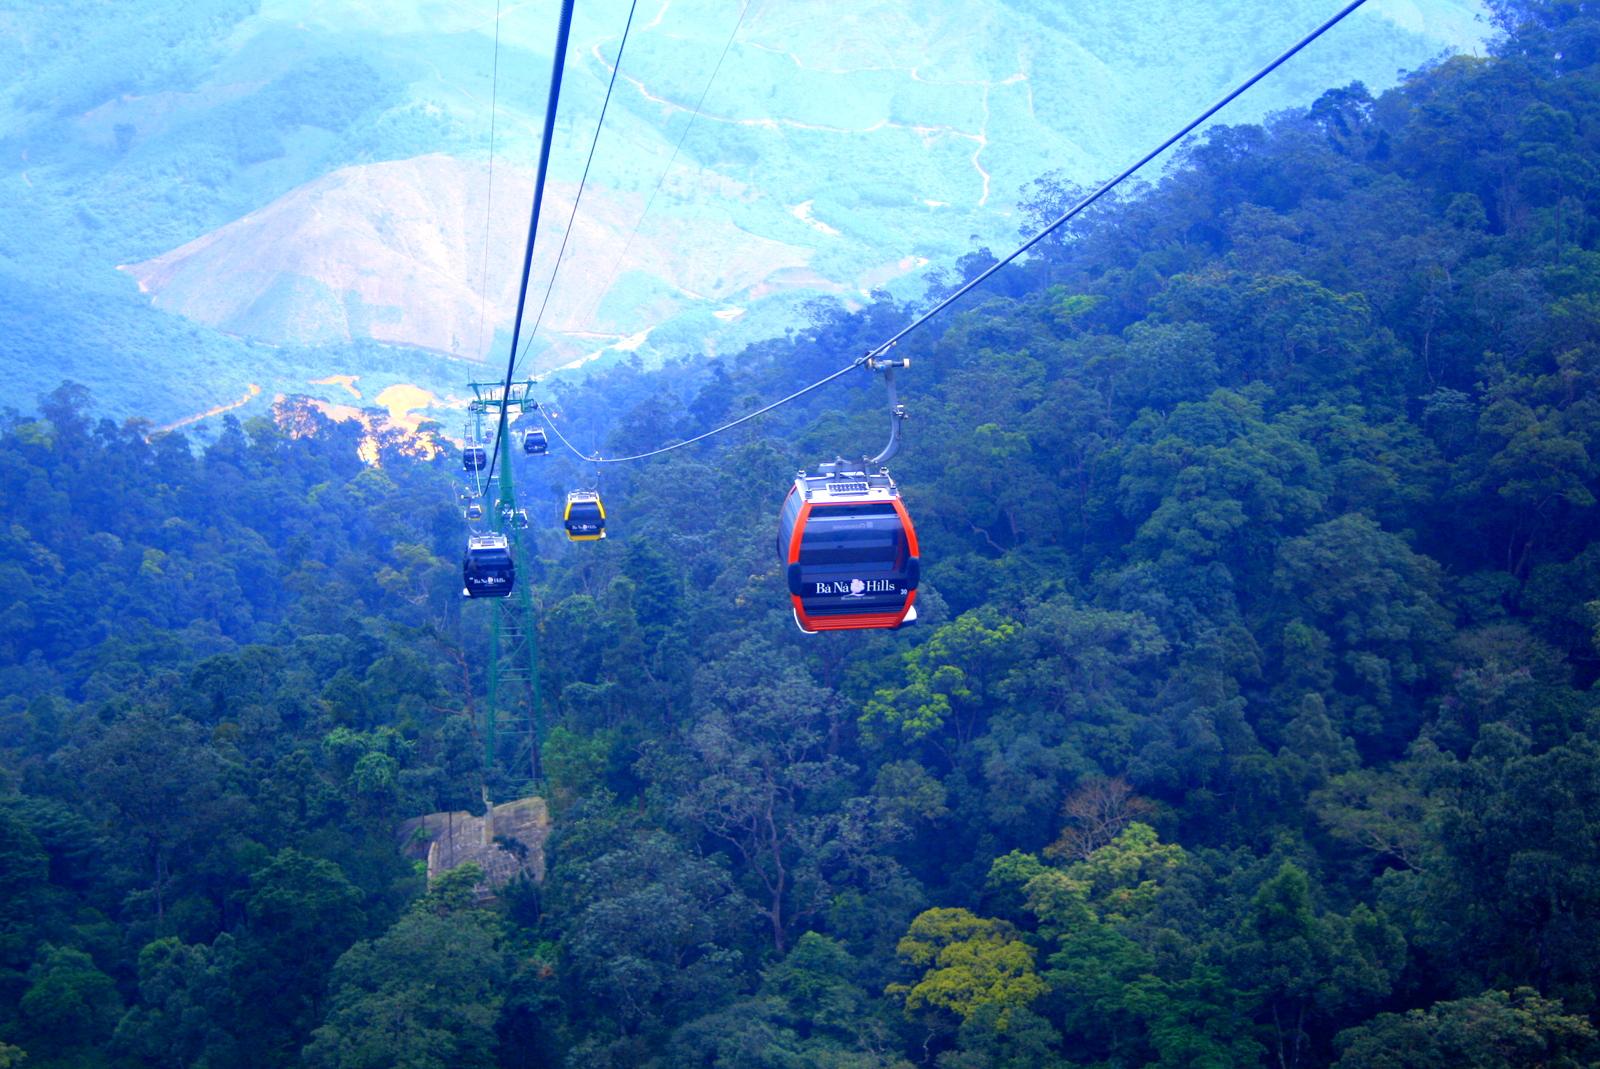 Cẩm nang du lịch Đà Nẵng tự túc có thể bạn chưa biết?